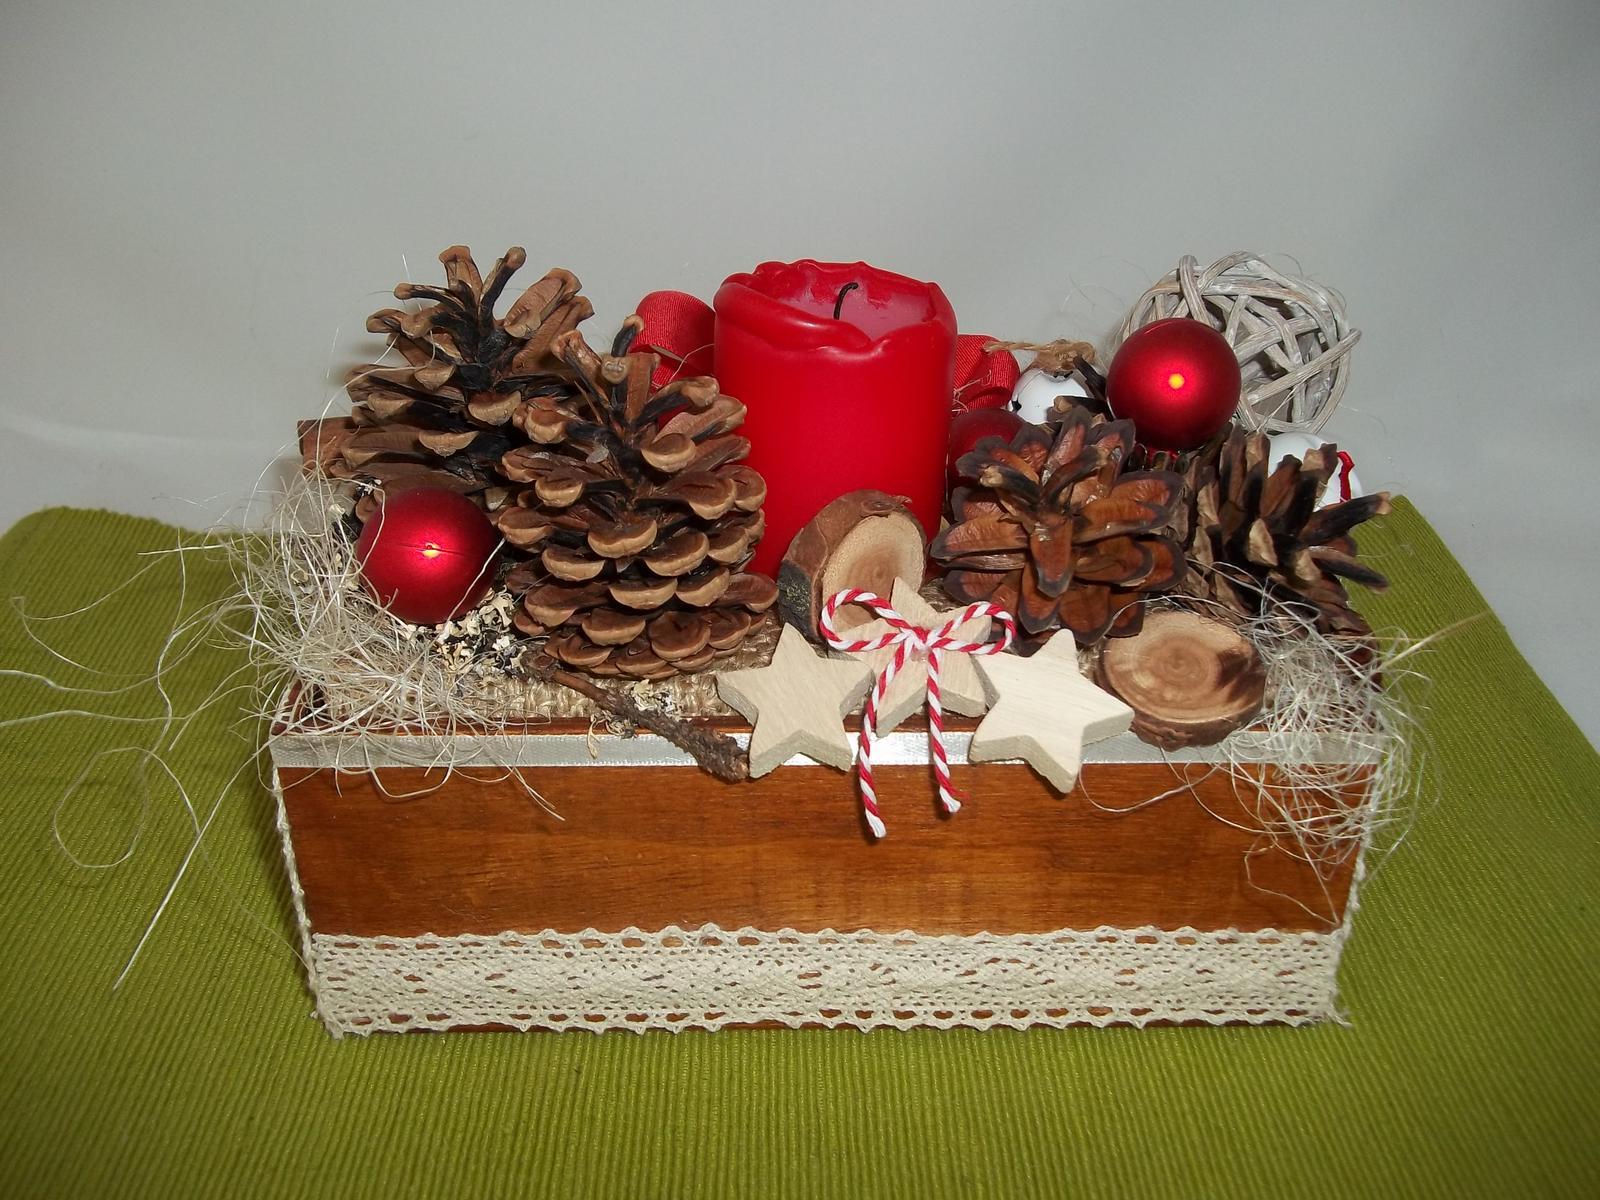 Vianočná dekorácia,cena je s poštovným - Obrázok č. 1